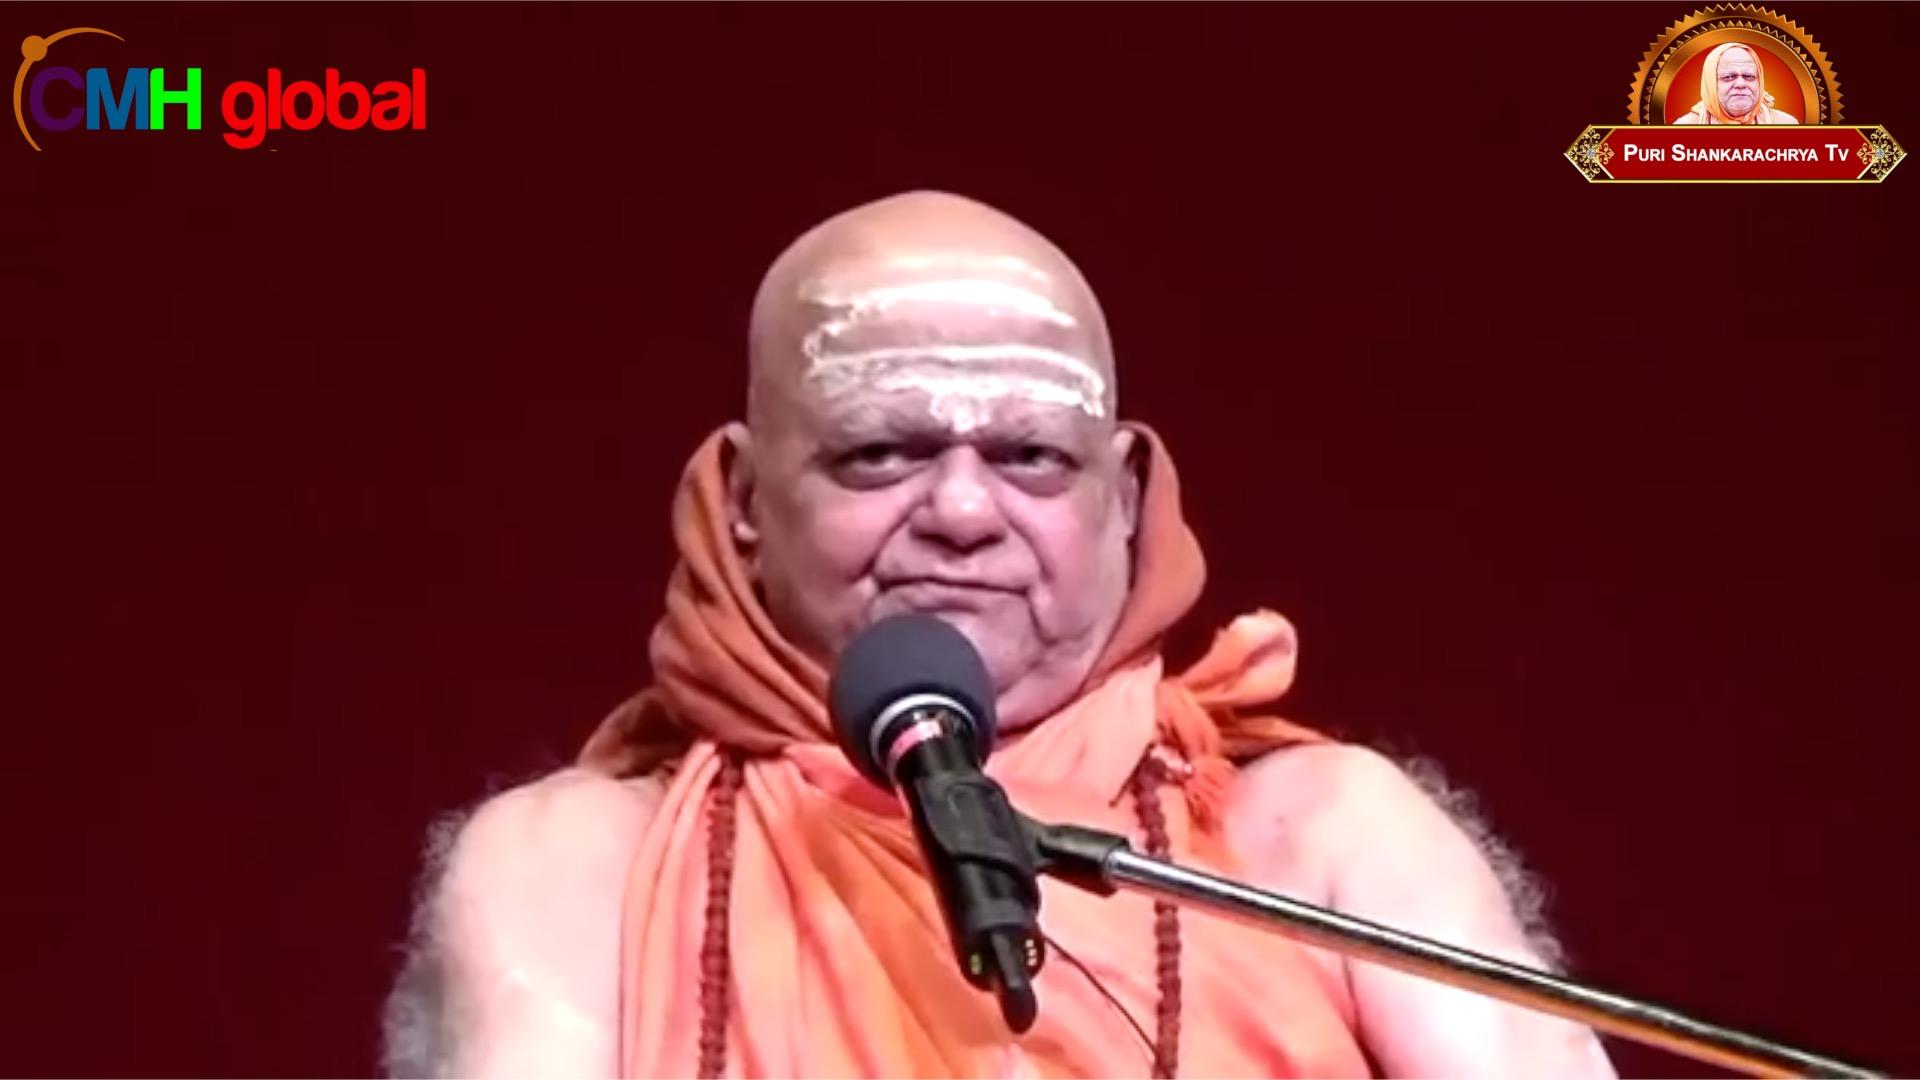 Gyan Dhara Ep -35 by Puri Shankaracharya Swami Nishchalananda Saraswati Ji